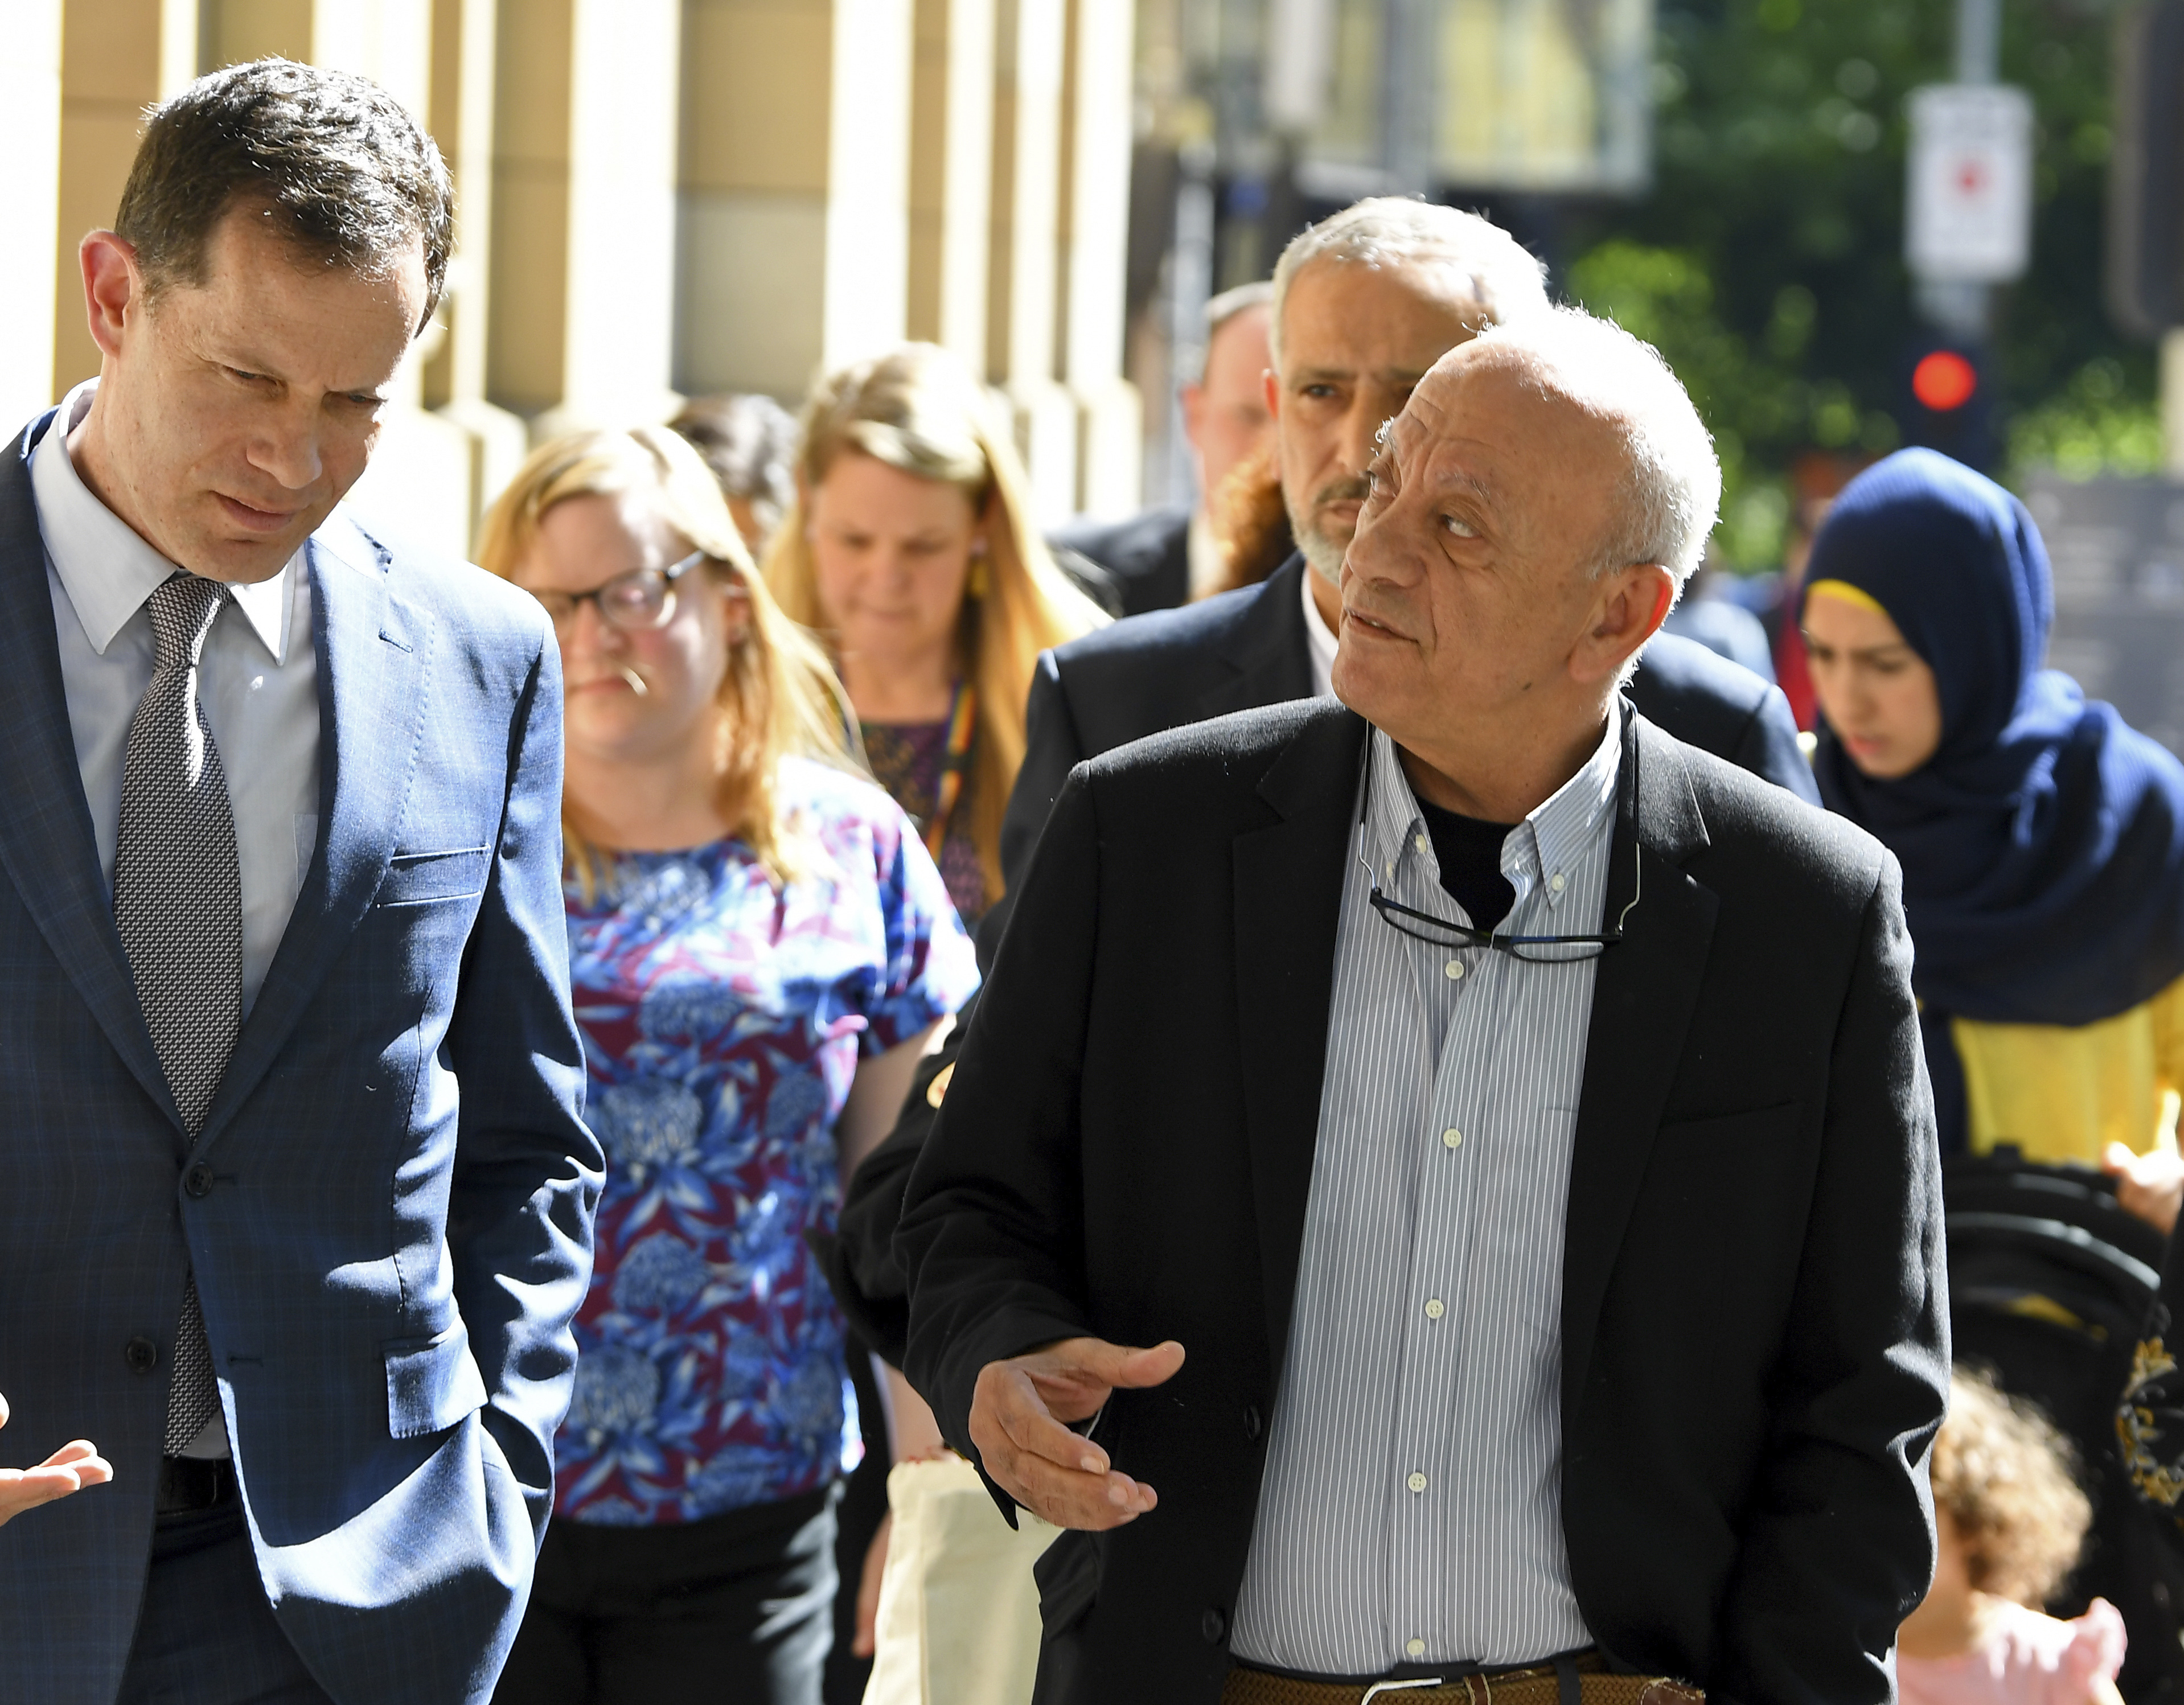 Australian sentenced to 36 years for murder, rape of Israeli